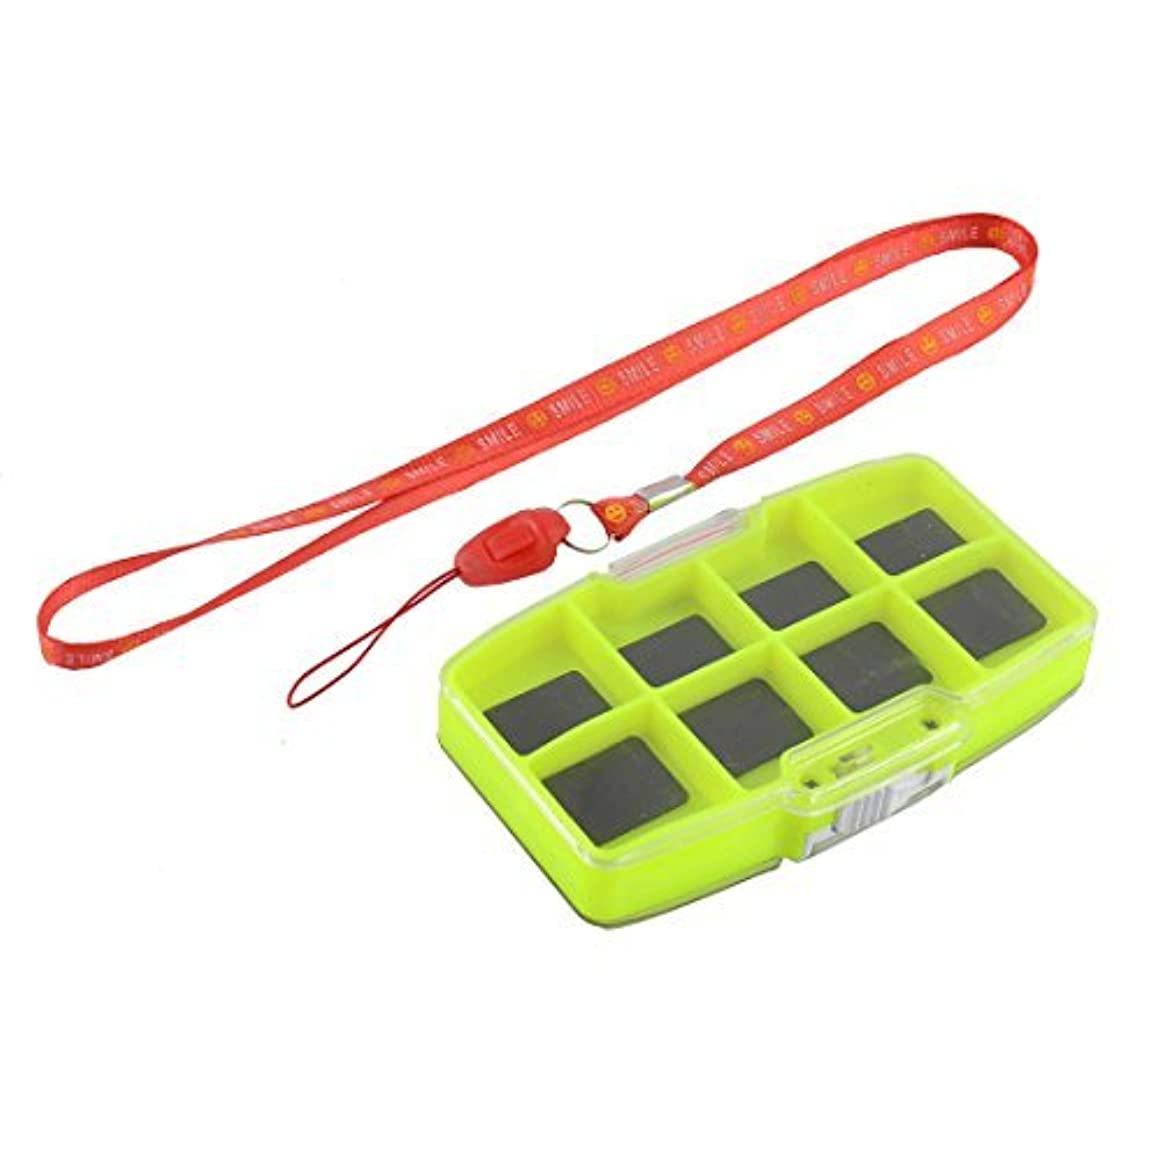 わかる共産主義こだわりDealMuxプラスチック釣り磁気デュアルサイドフィッシュフックベイト釣り針ボックスケースグリーン